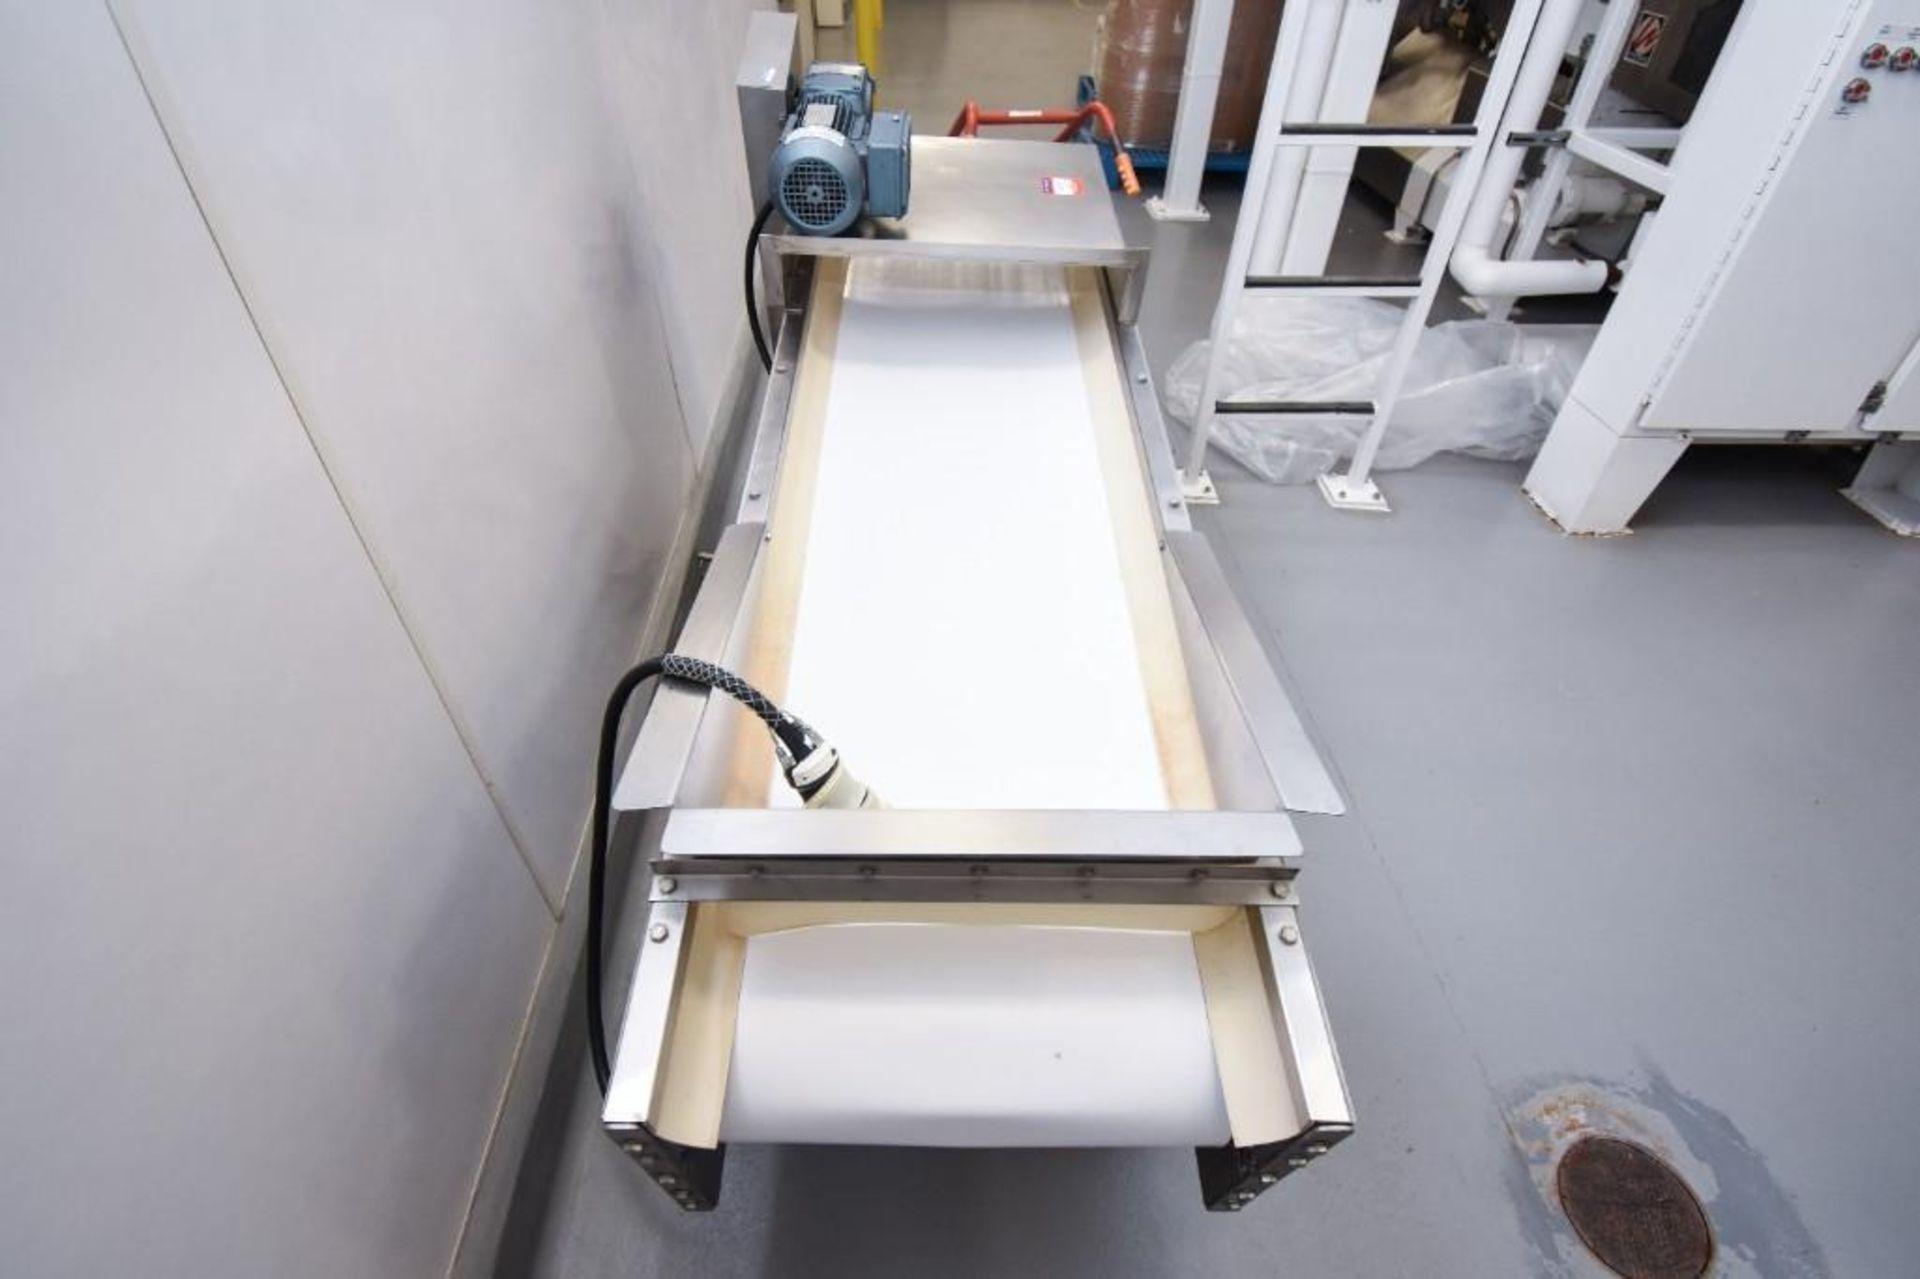 Conveyor - Image 6 of 9